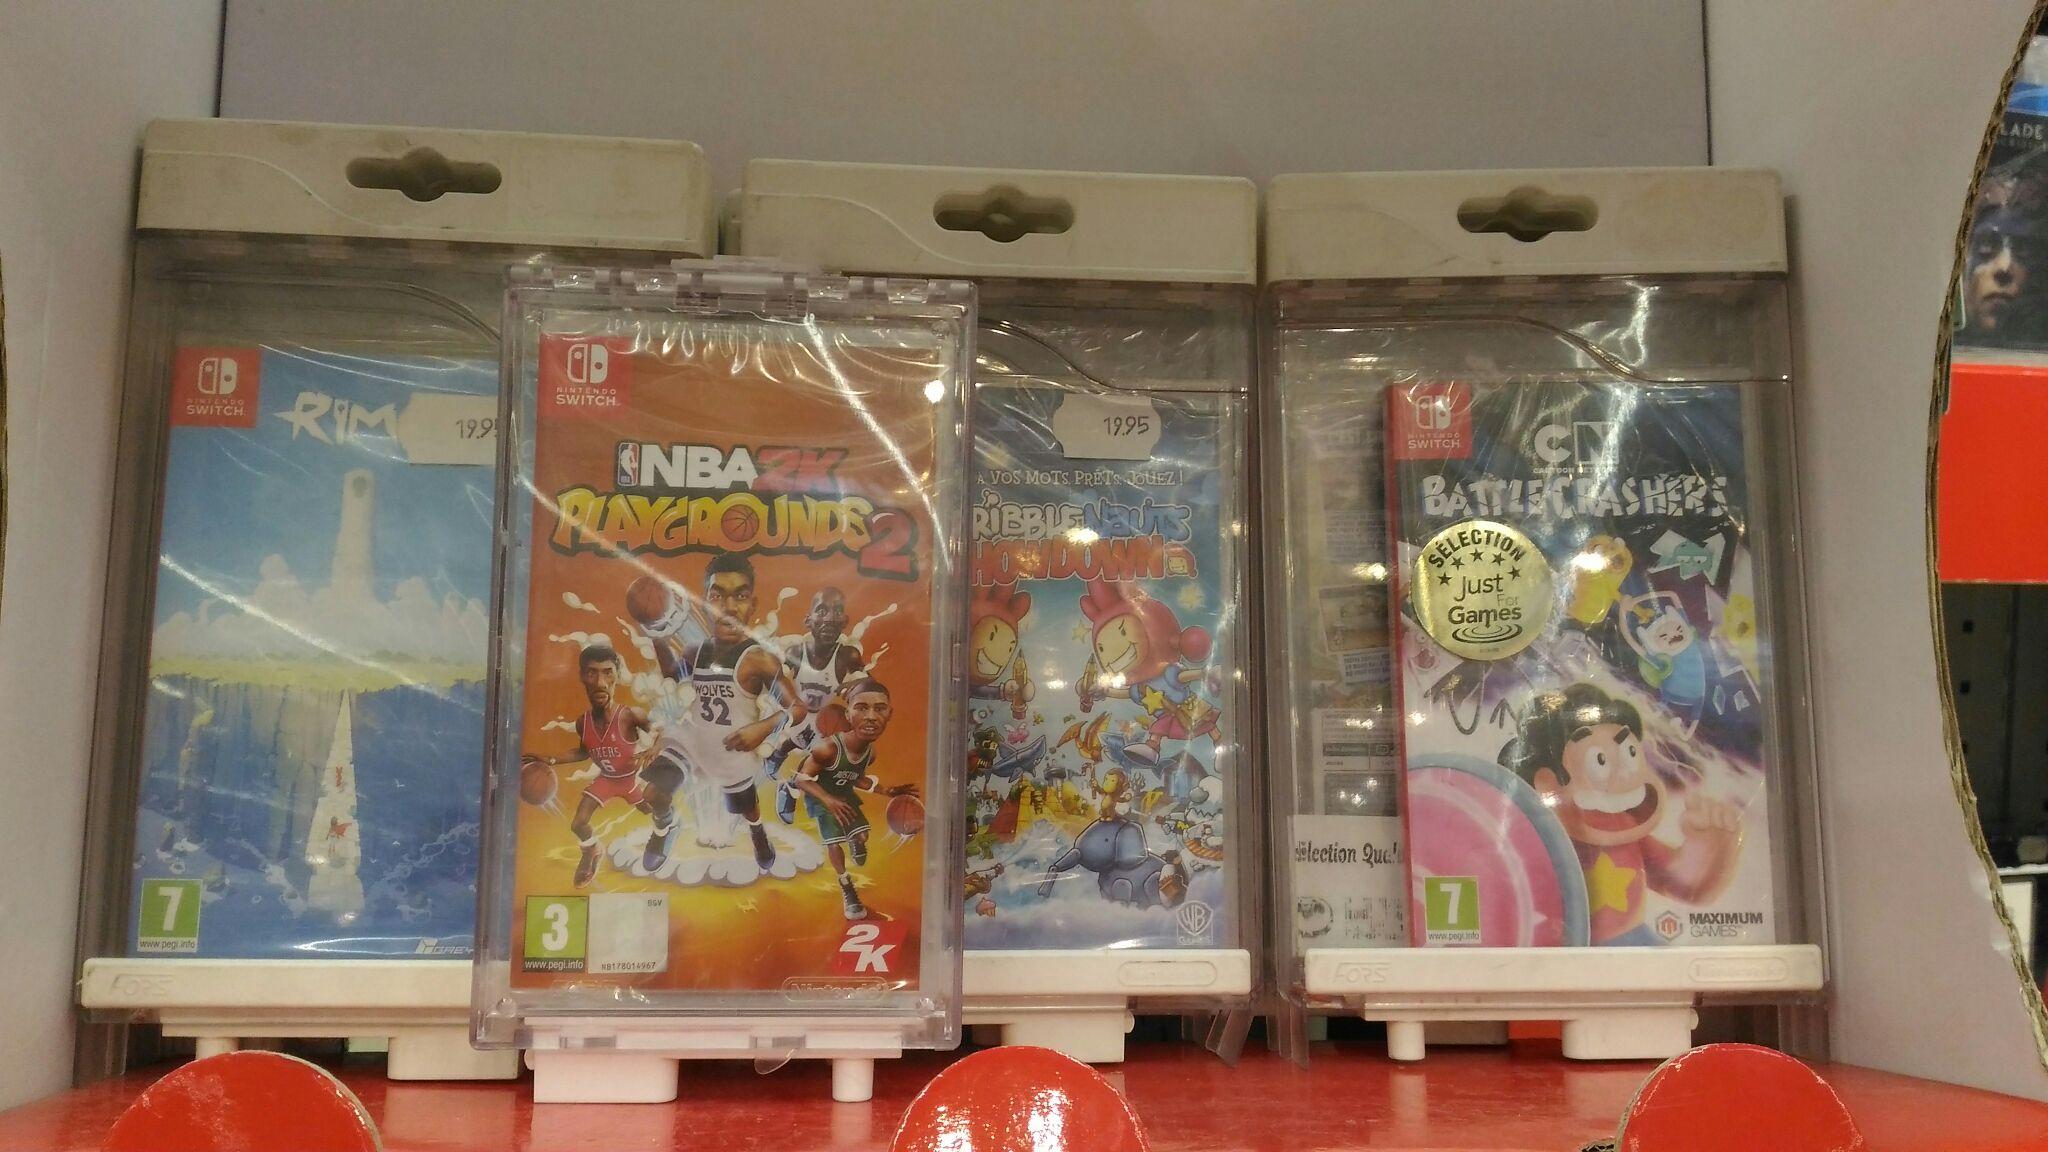 Sélection de jeux vidéo sur Switch en promotion - Ex : NBA Playgrounds 2 - Liévin (62)